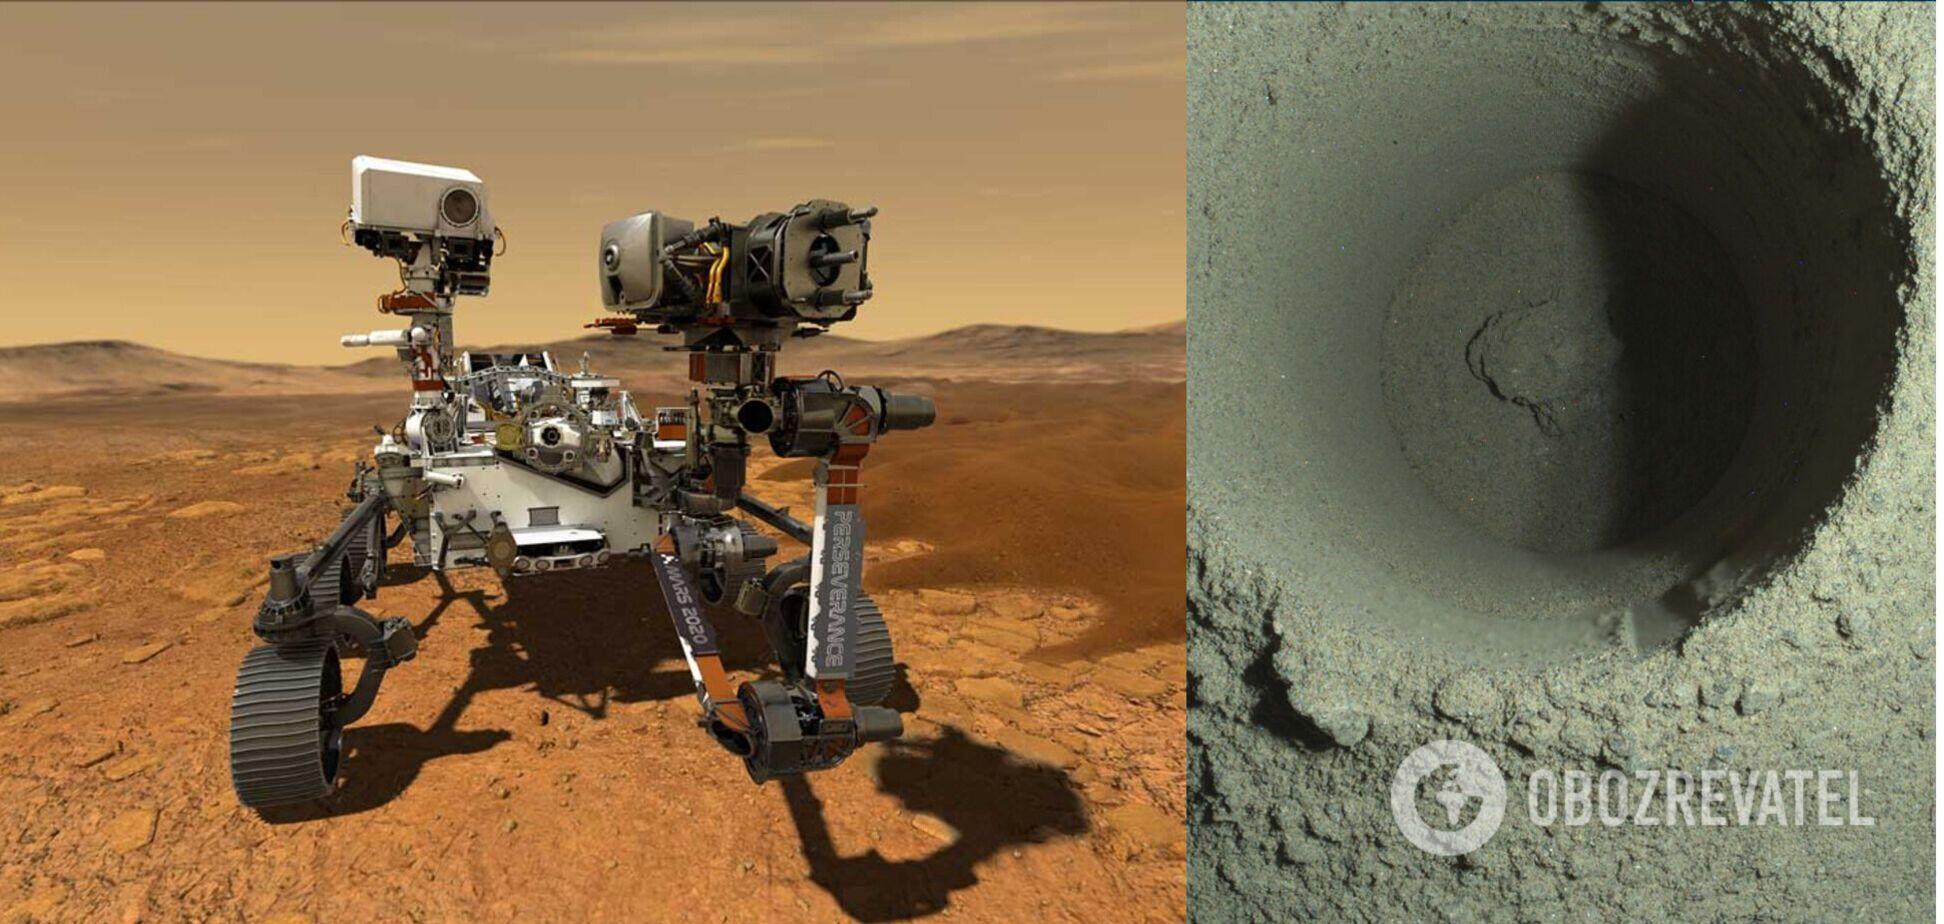 Perseverance не смог взять образец грунта на Марсе: названа причина. Фото